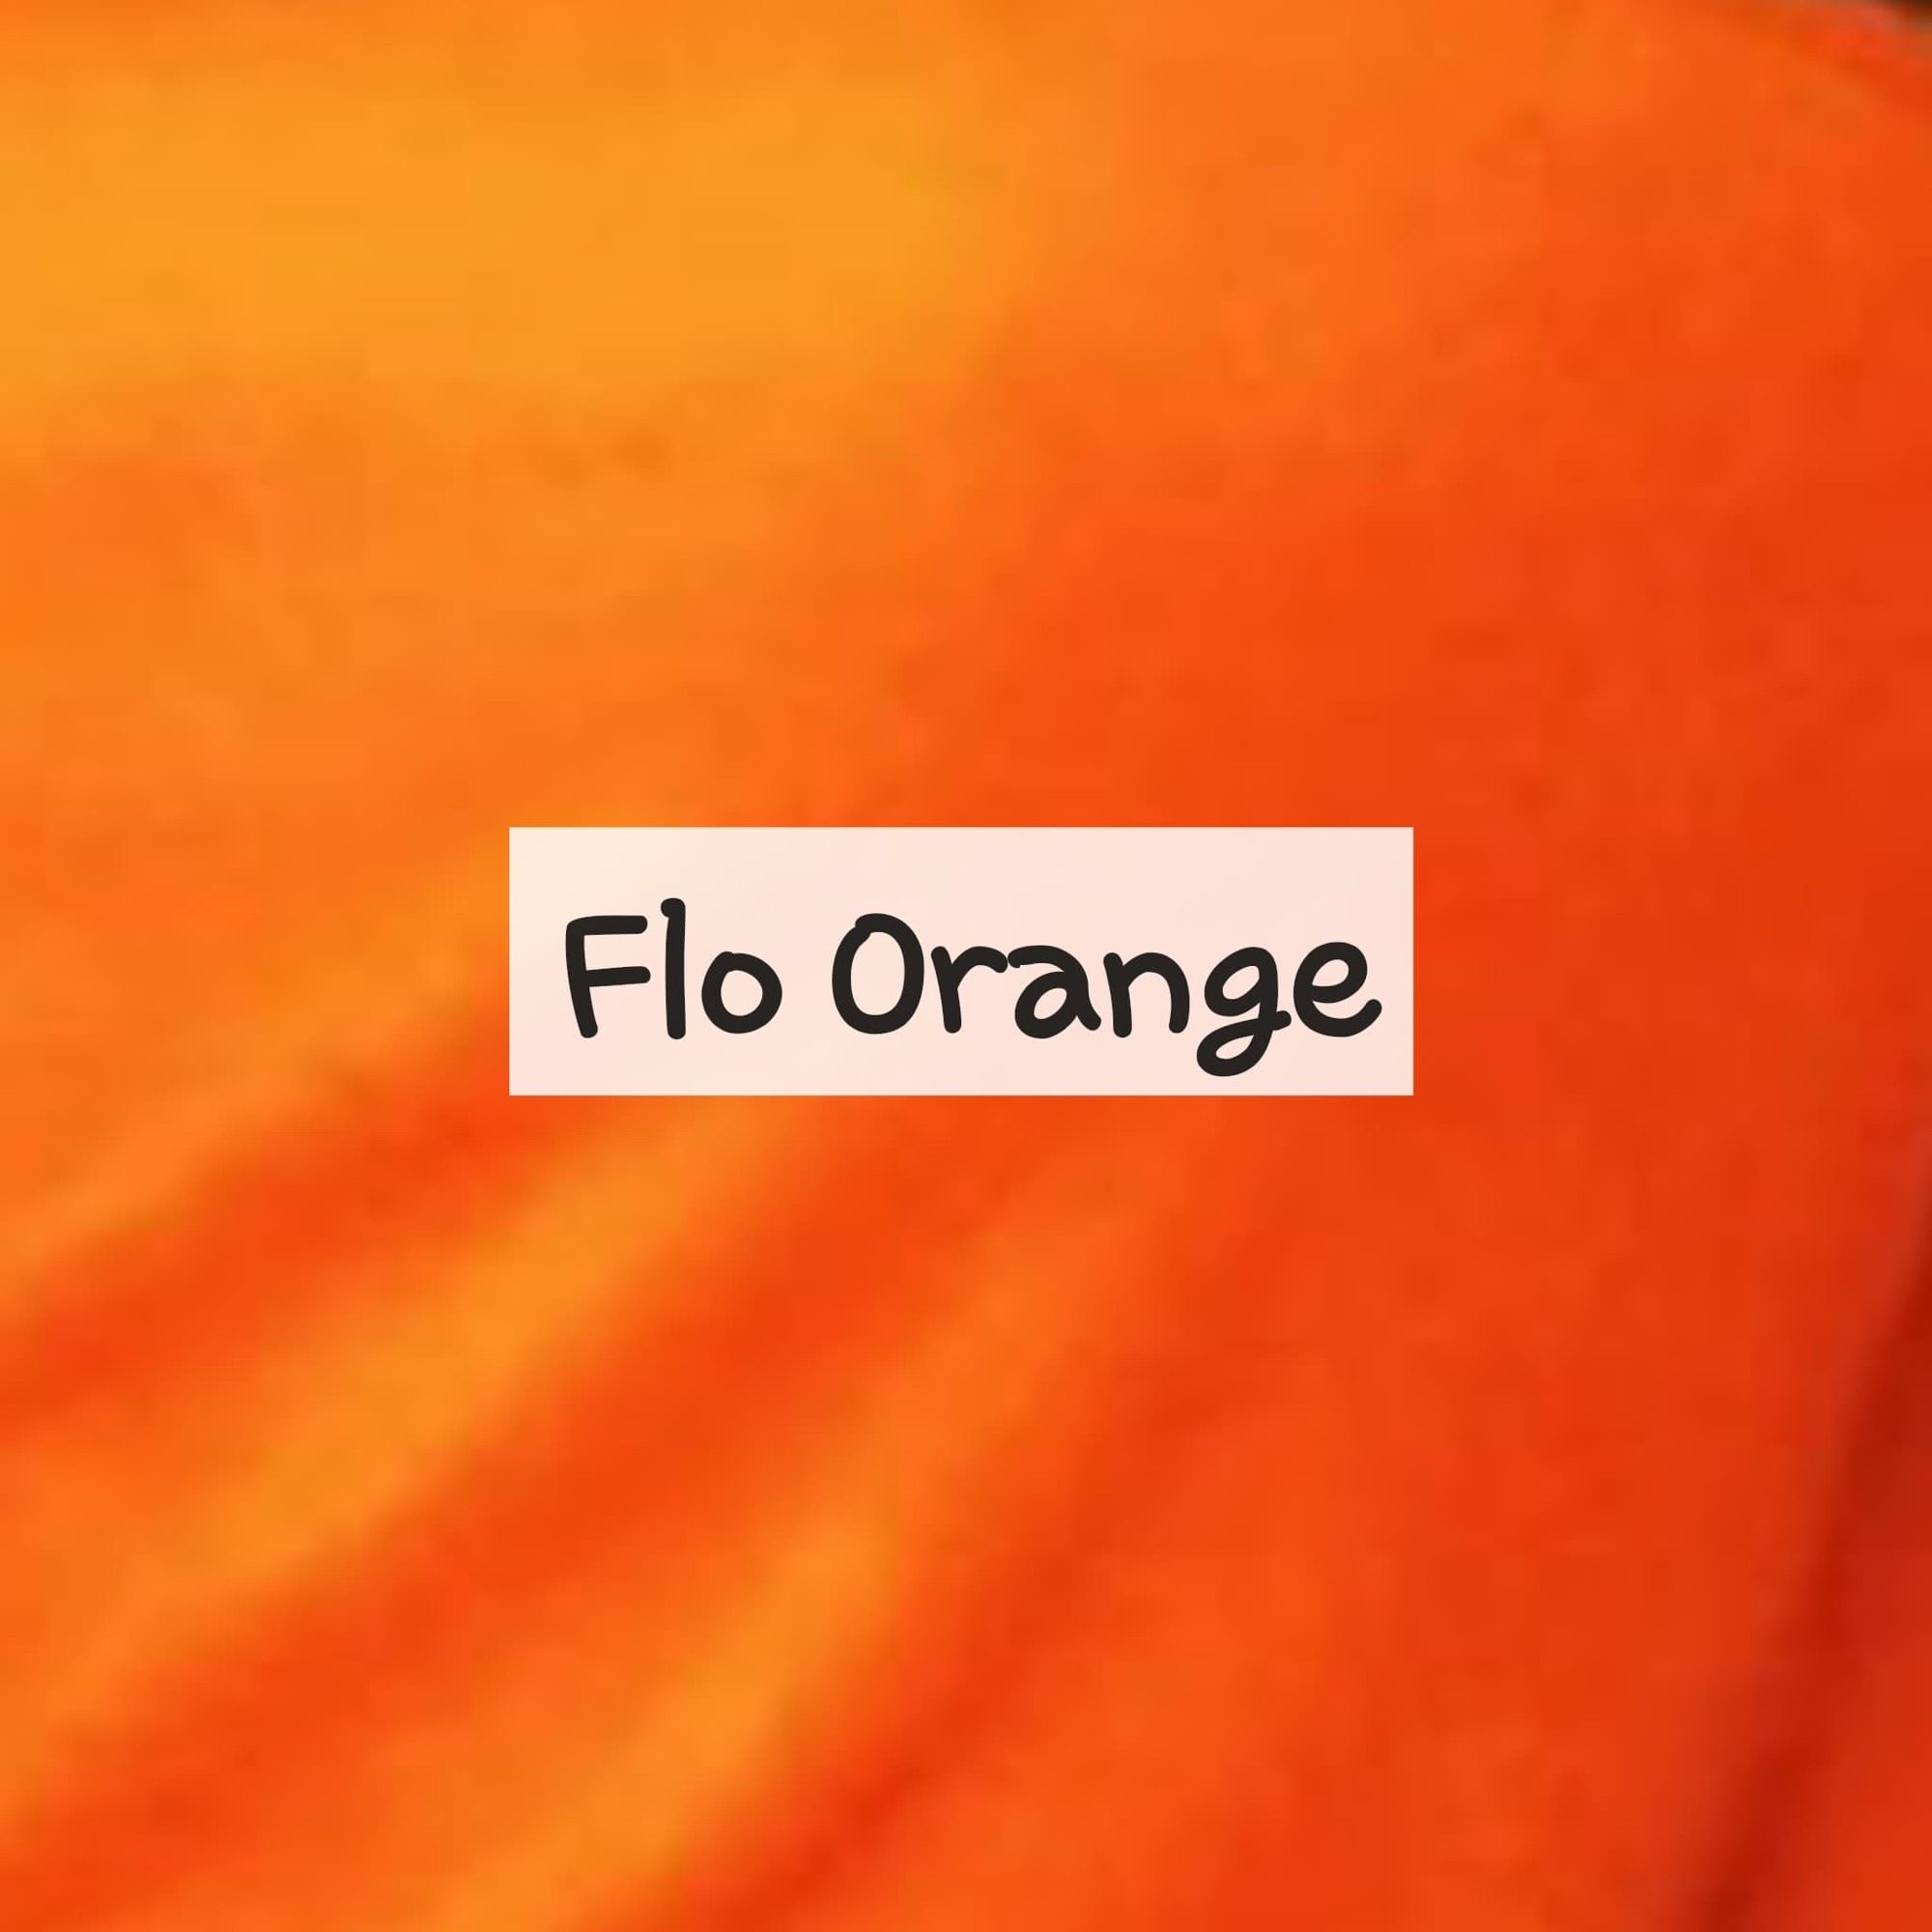 Flo Orange Fleece